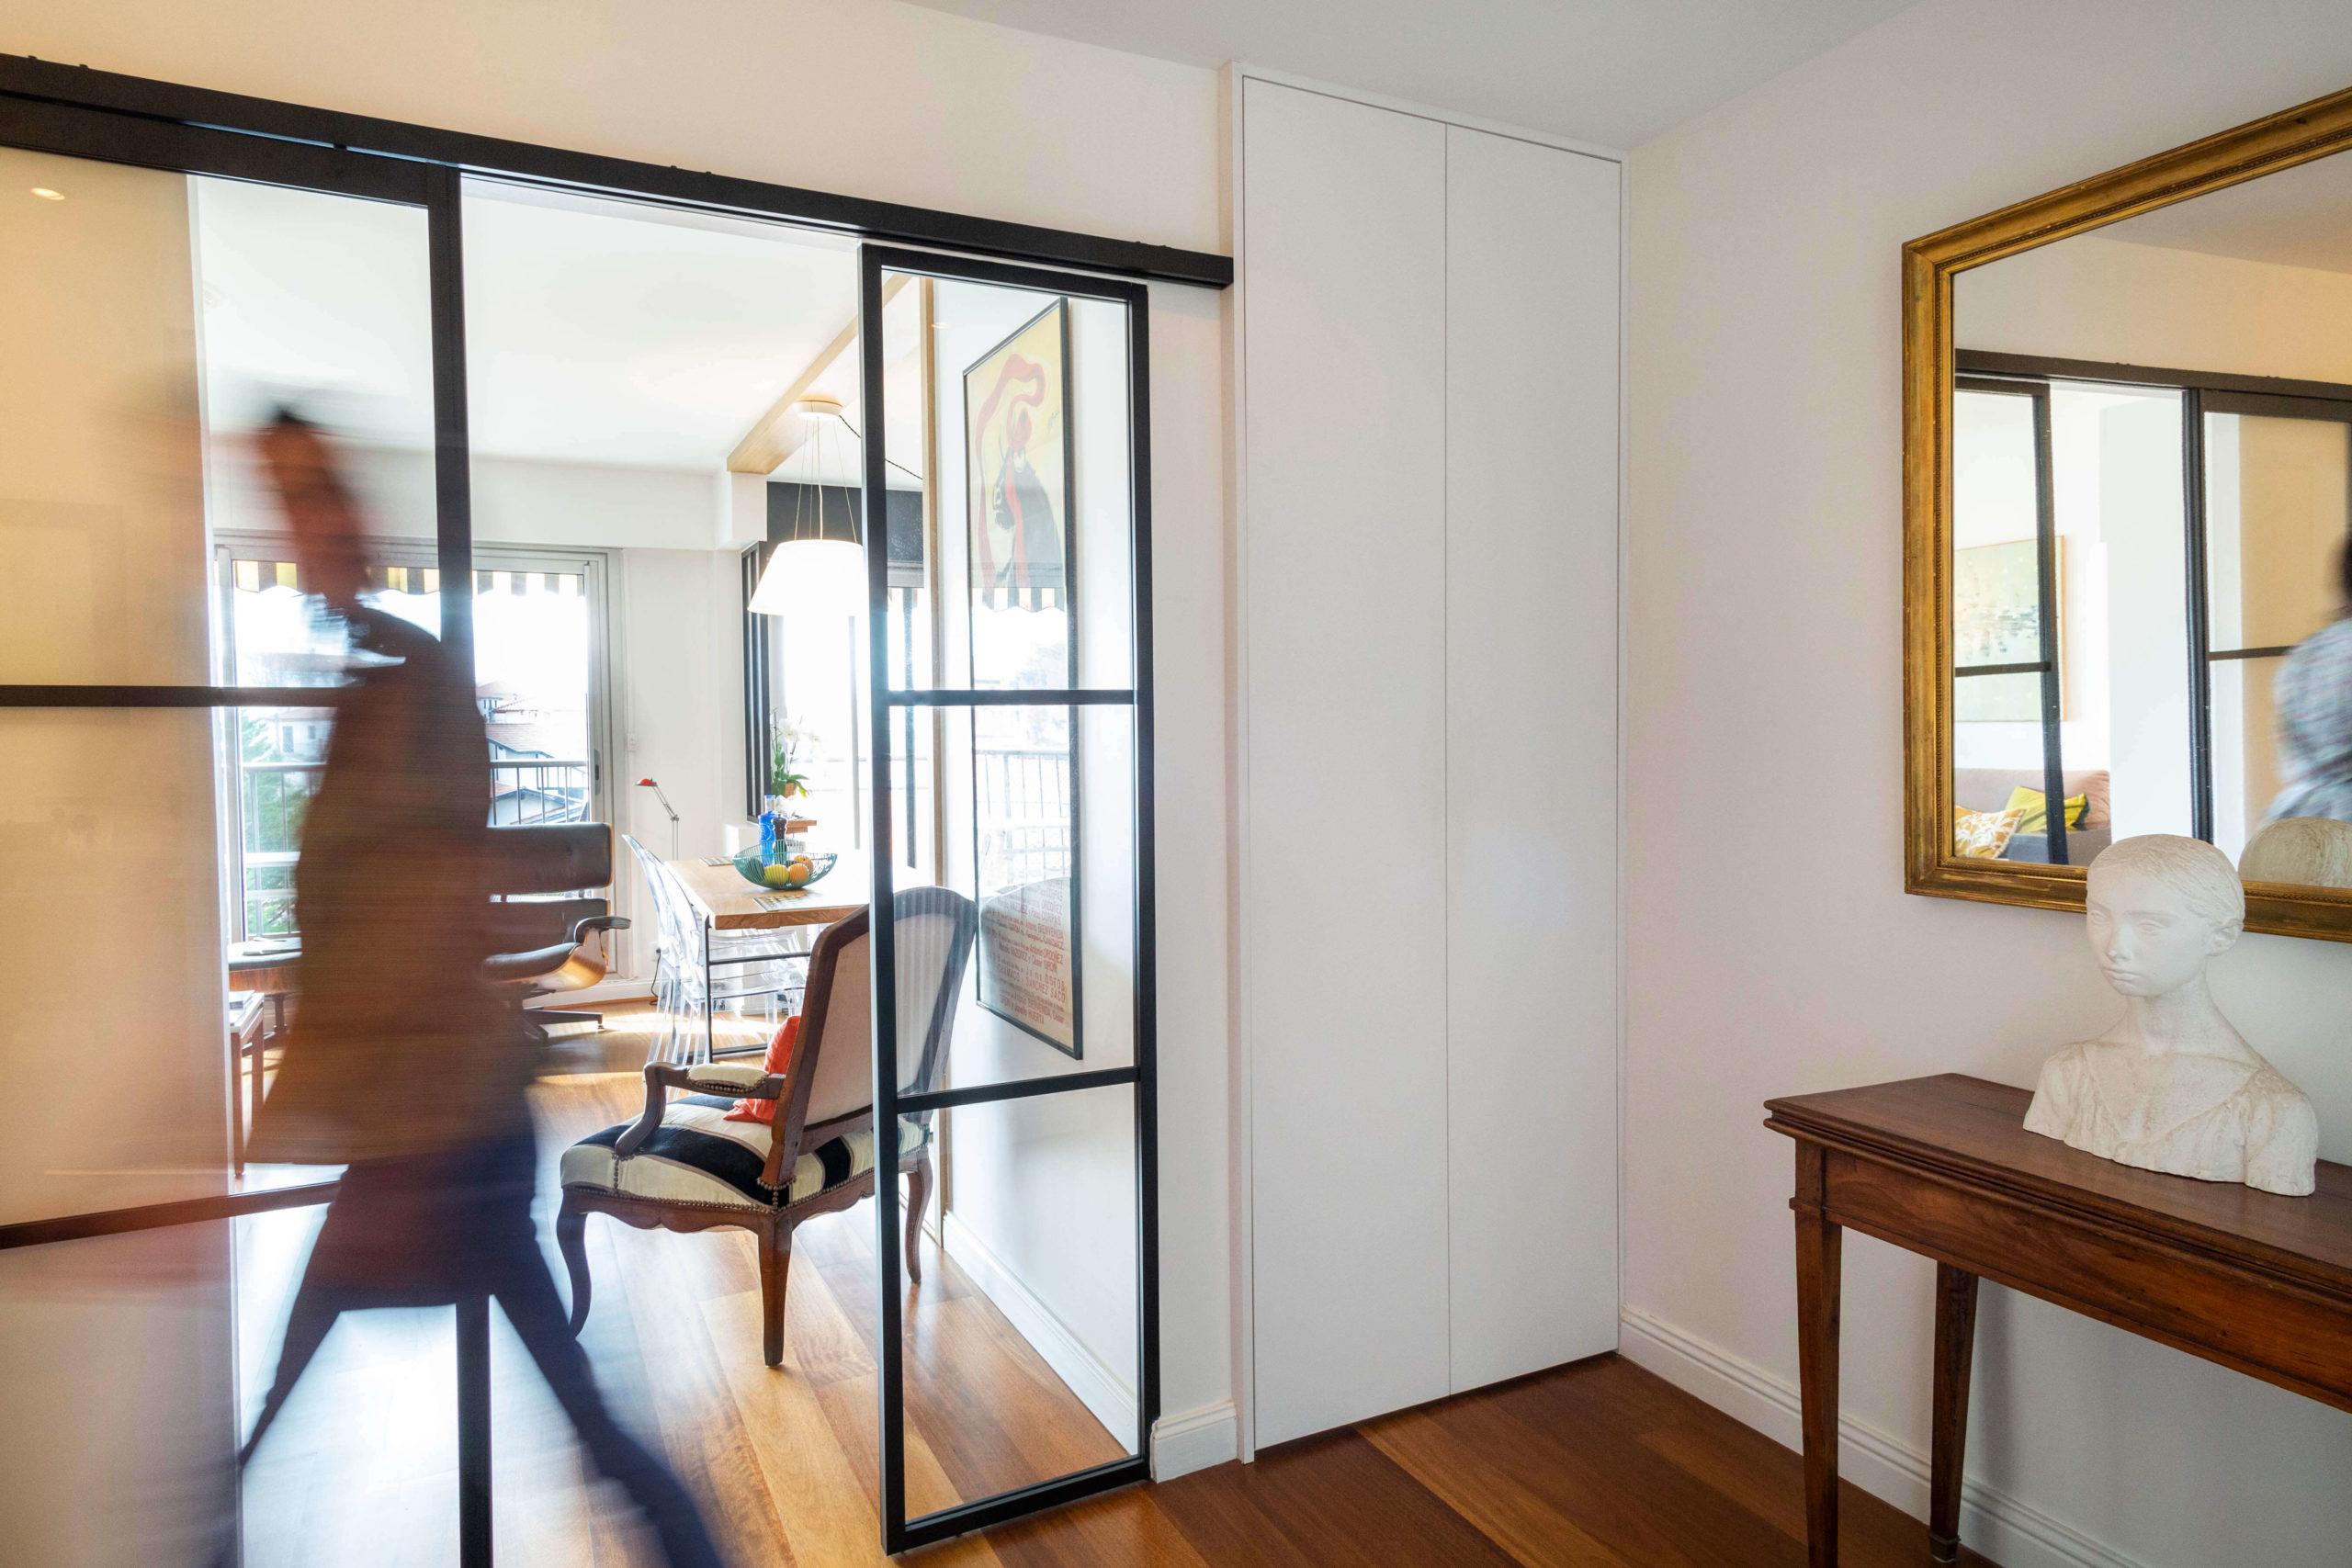 atelier-plurielles-architectures-reamenagement-appartement-biarritz-entrée